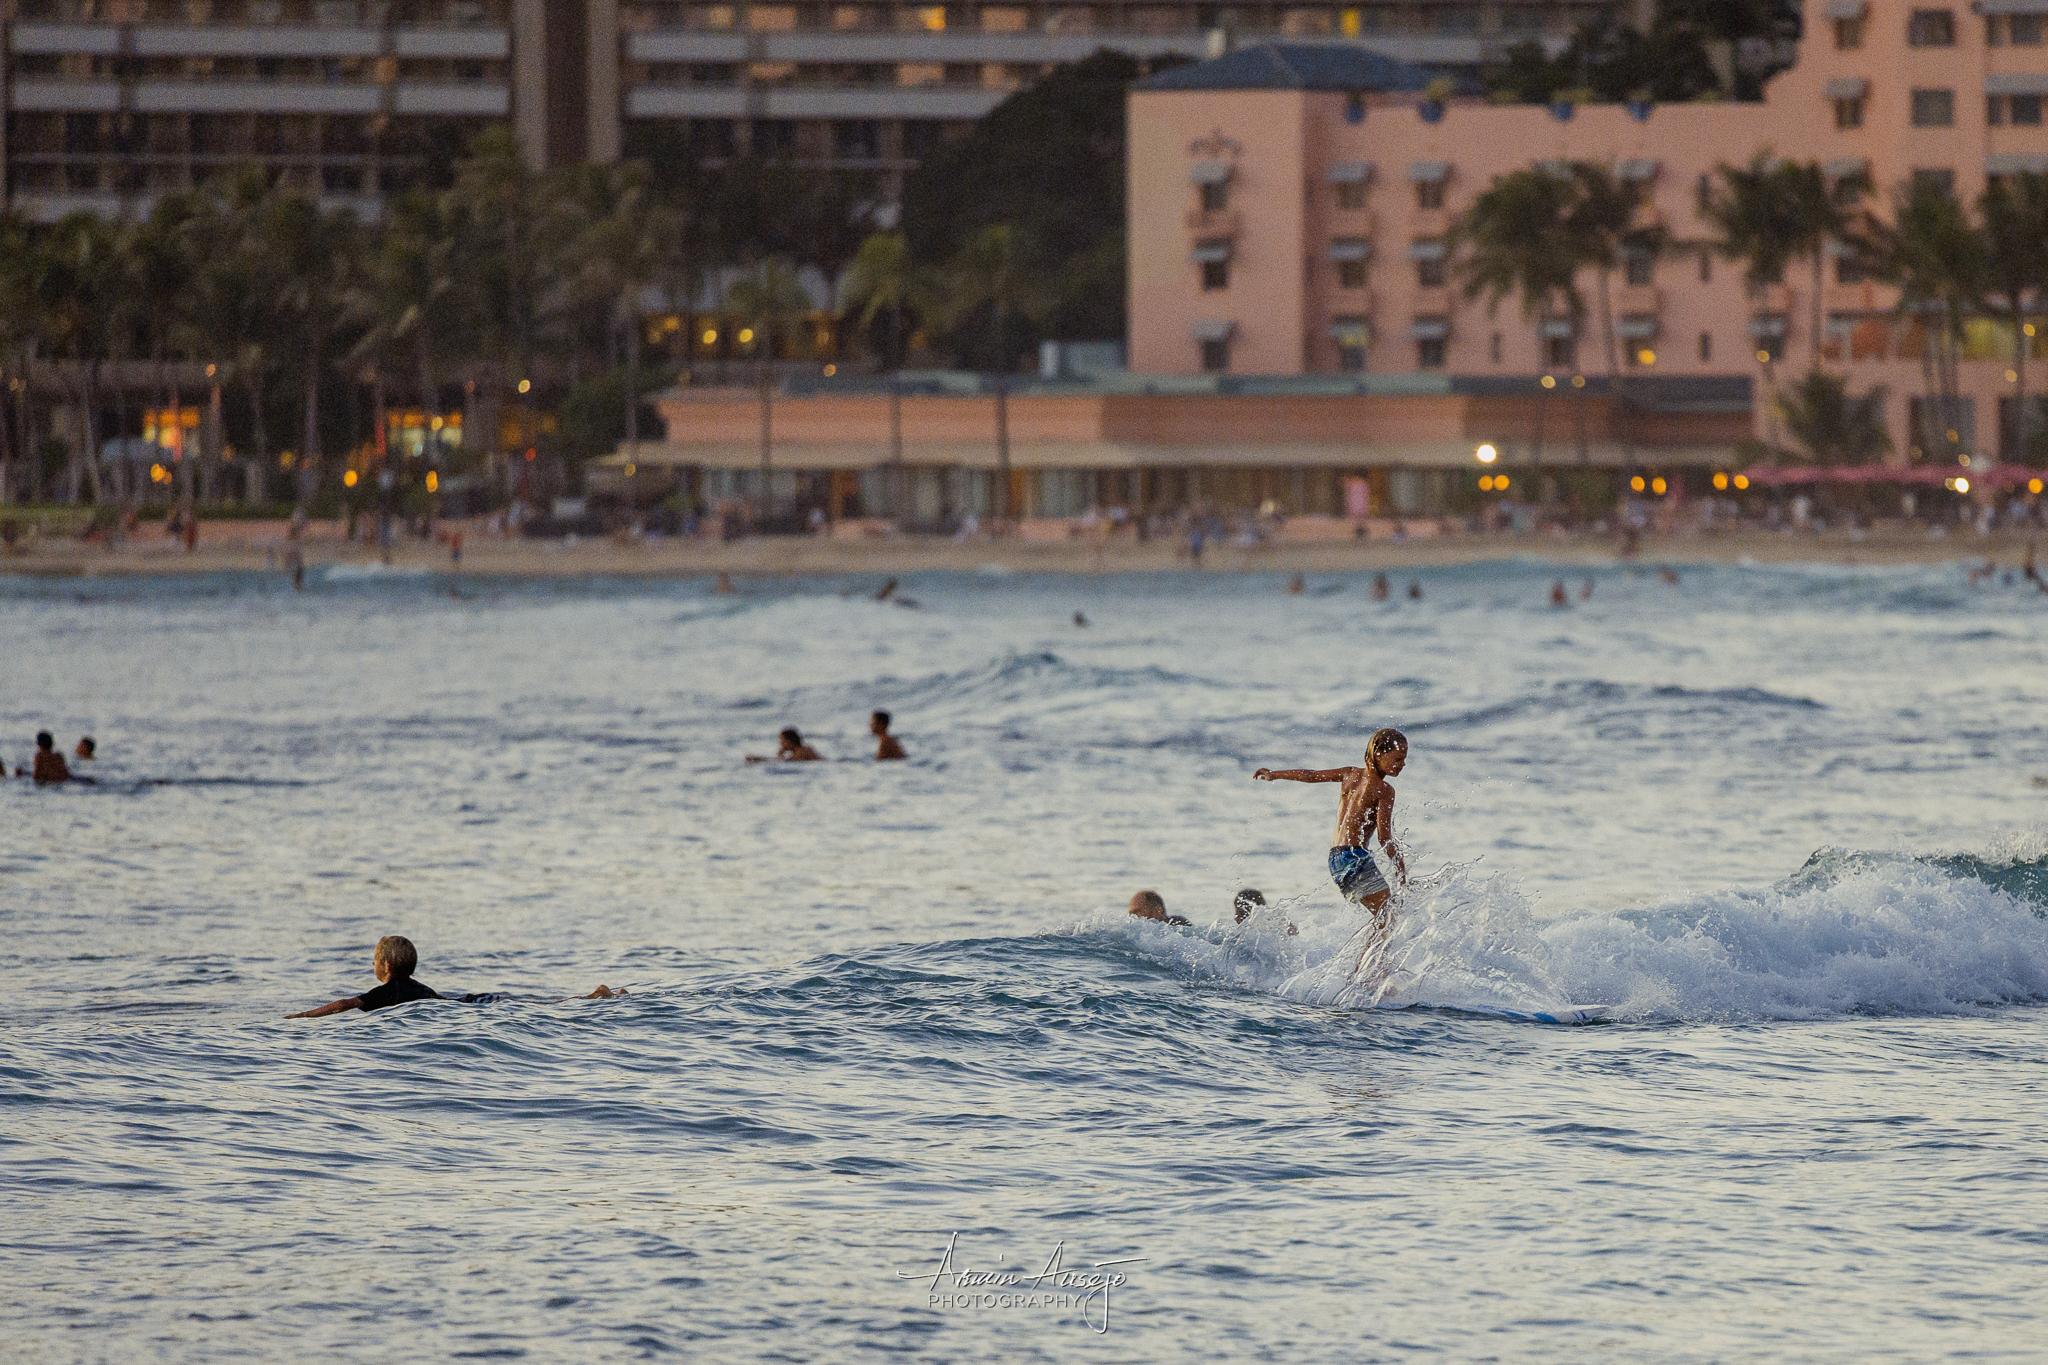 Surfers at Waikiki, Nikon Z7 with Nikon 300mm f/4G PF VR, ISO 5000